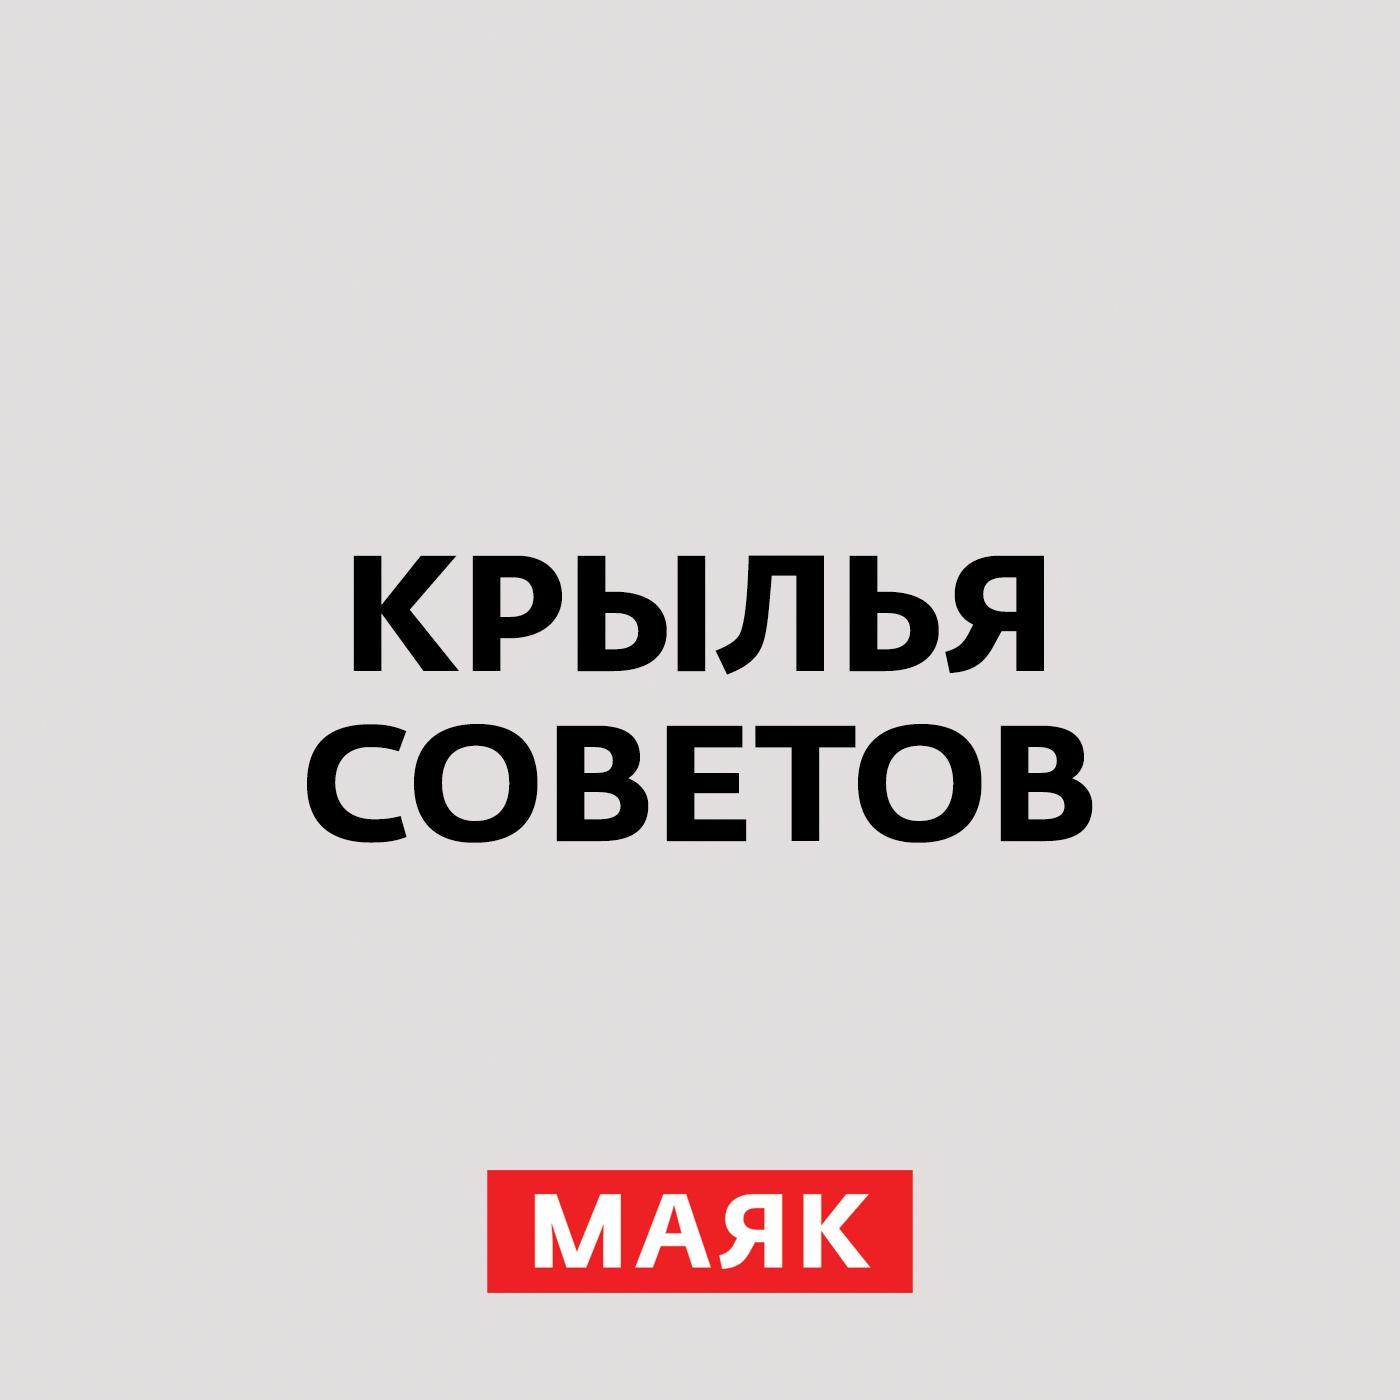 Творческий коллектив радио «Маяк» Послевоенный период. Гражданская авиация творческий коллектив радио маяк теща